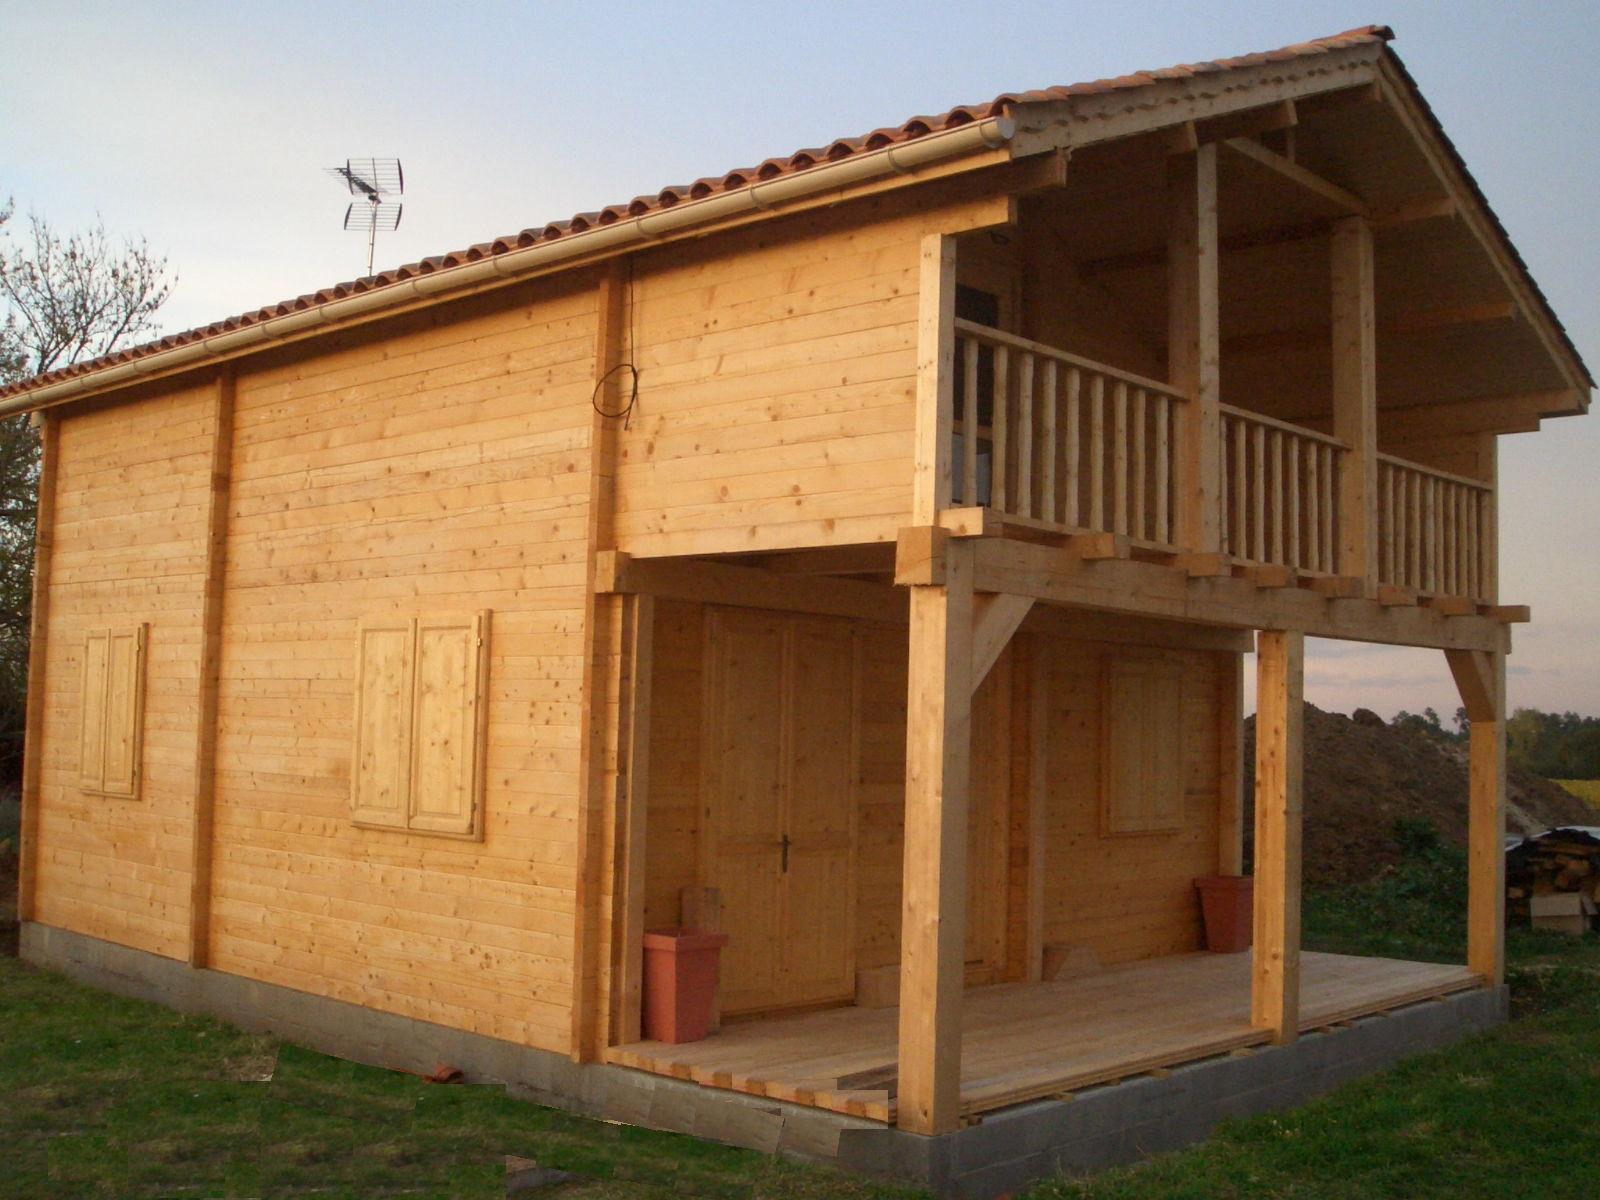 Amenagement interieur maison ossature bois maison moderne for Interieur maison bois